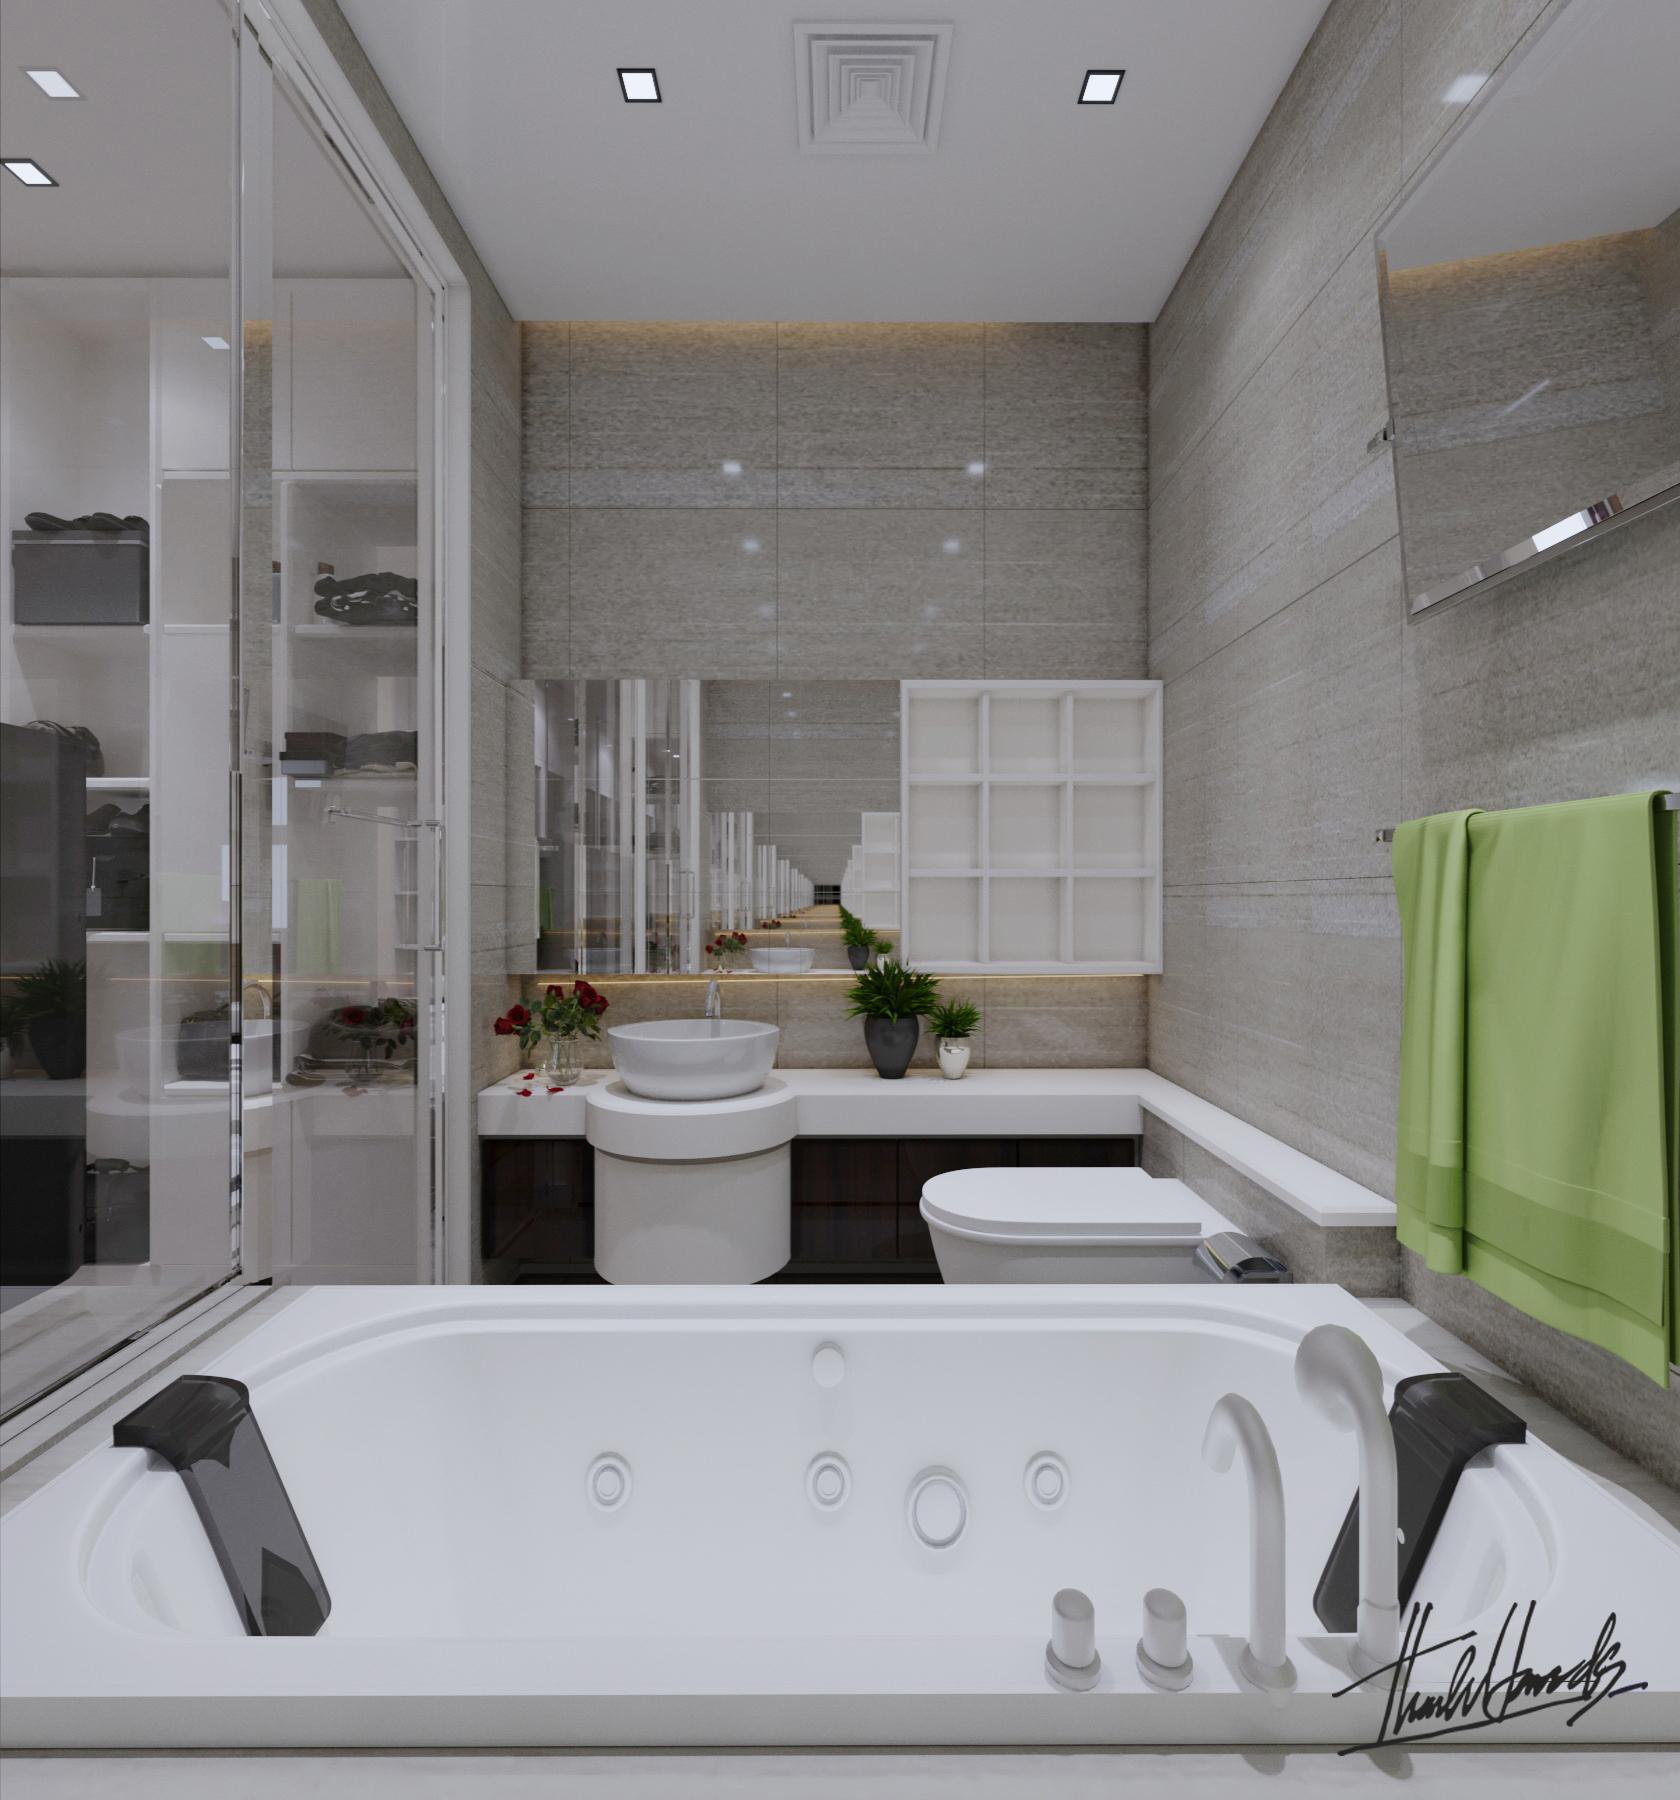 thiết kế Nội thất Chung Cư chung cư - Vin mỹ đình207